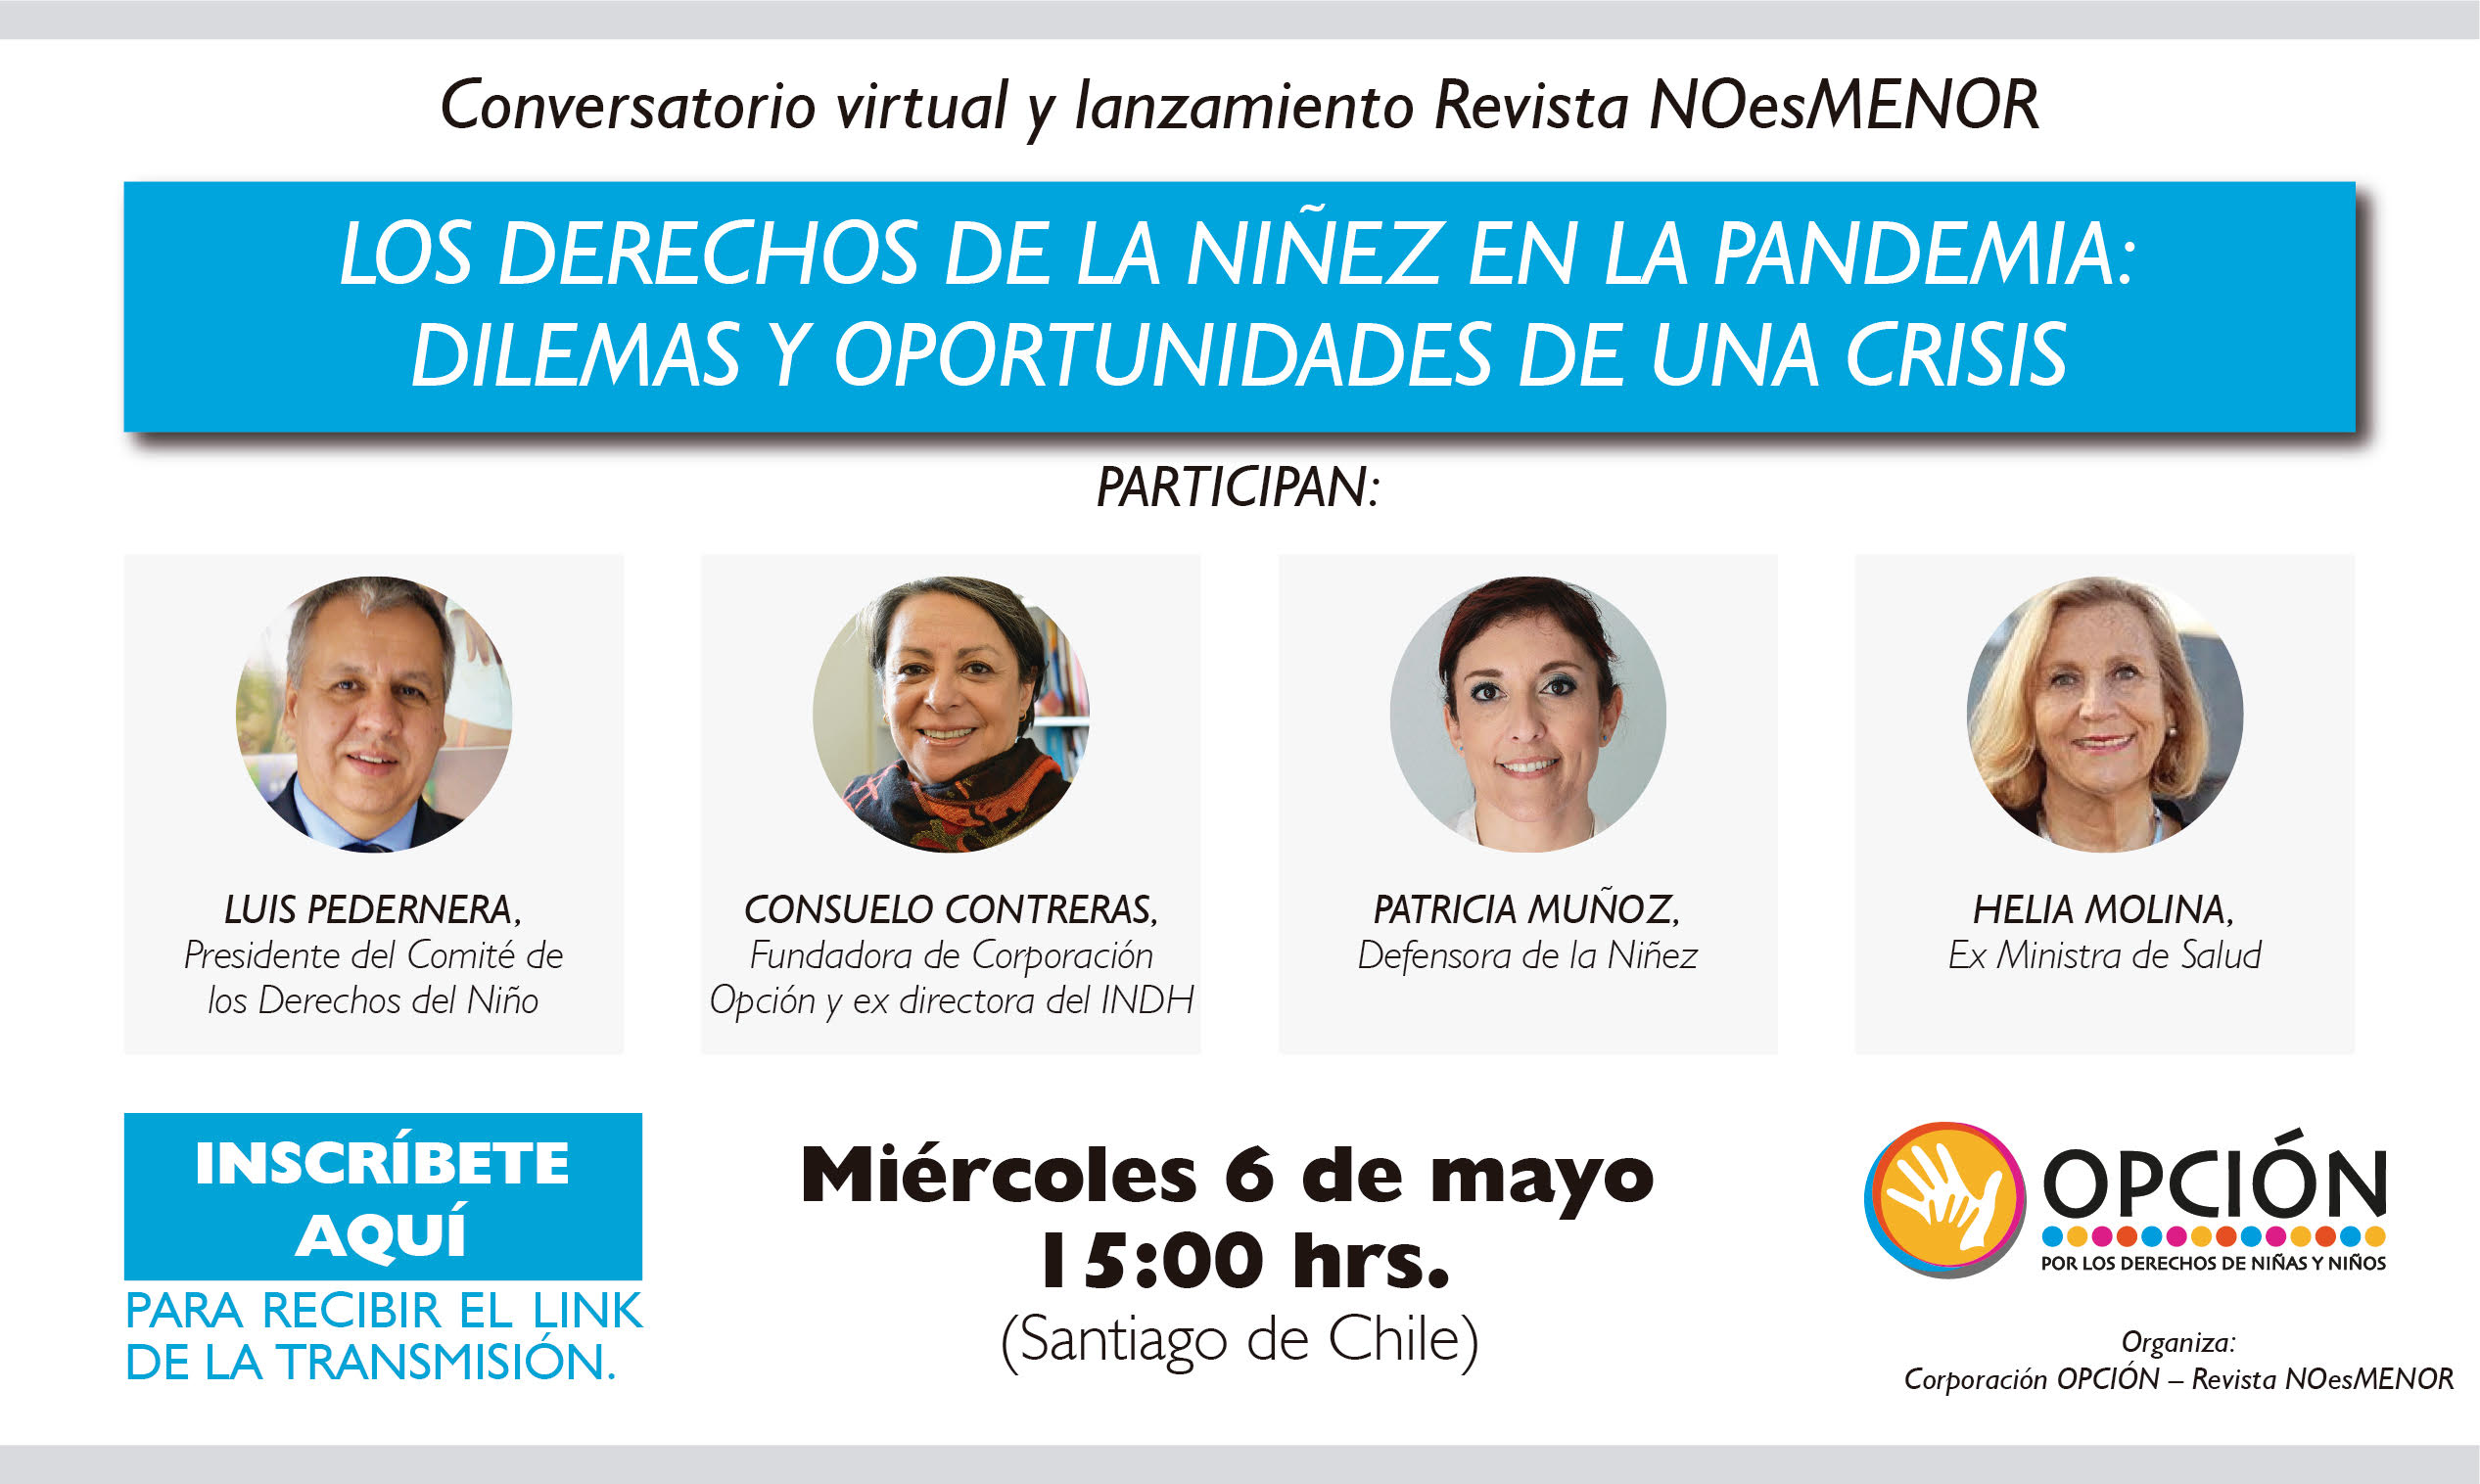 Los derechos de la niñez en la pandemia: seminario virtual este miércoles 6 de mayo